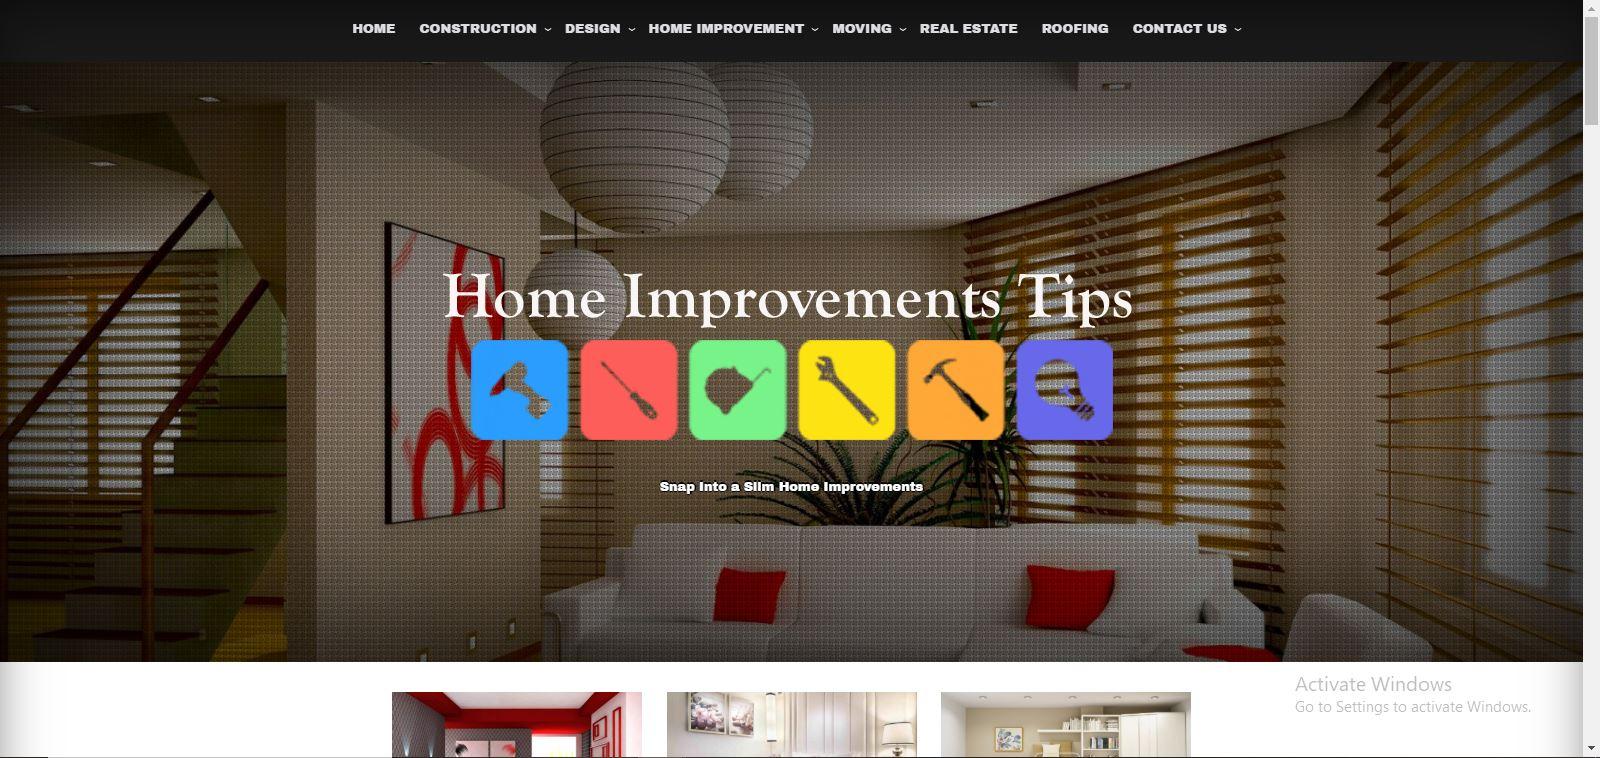 Home1.jpg (1600×758)